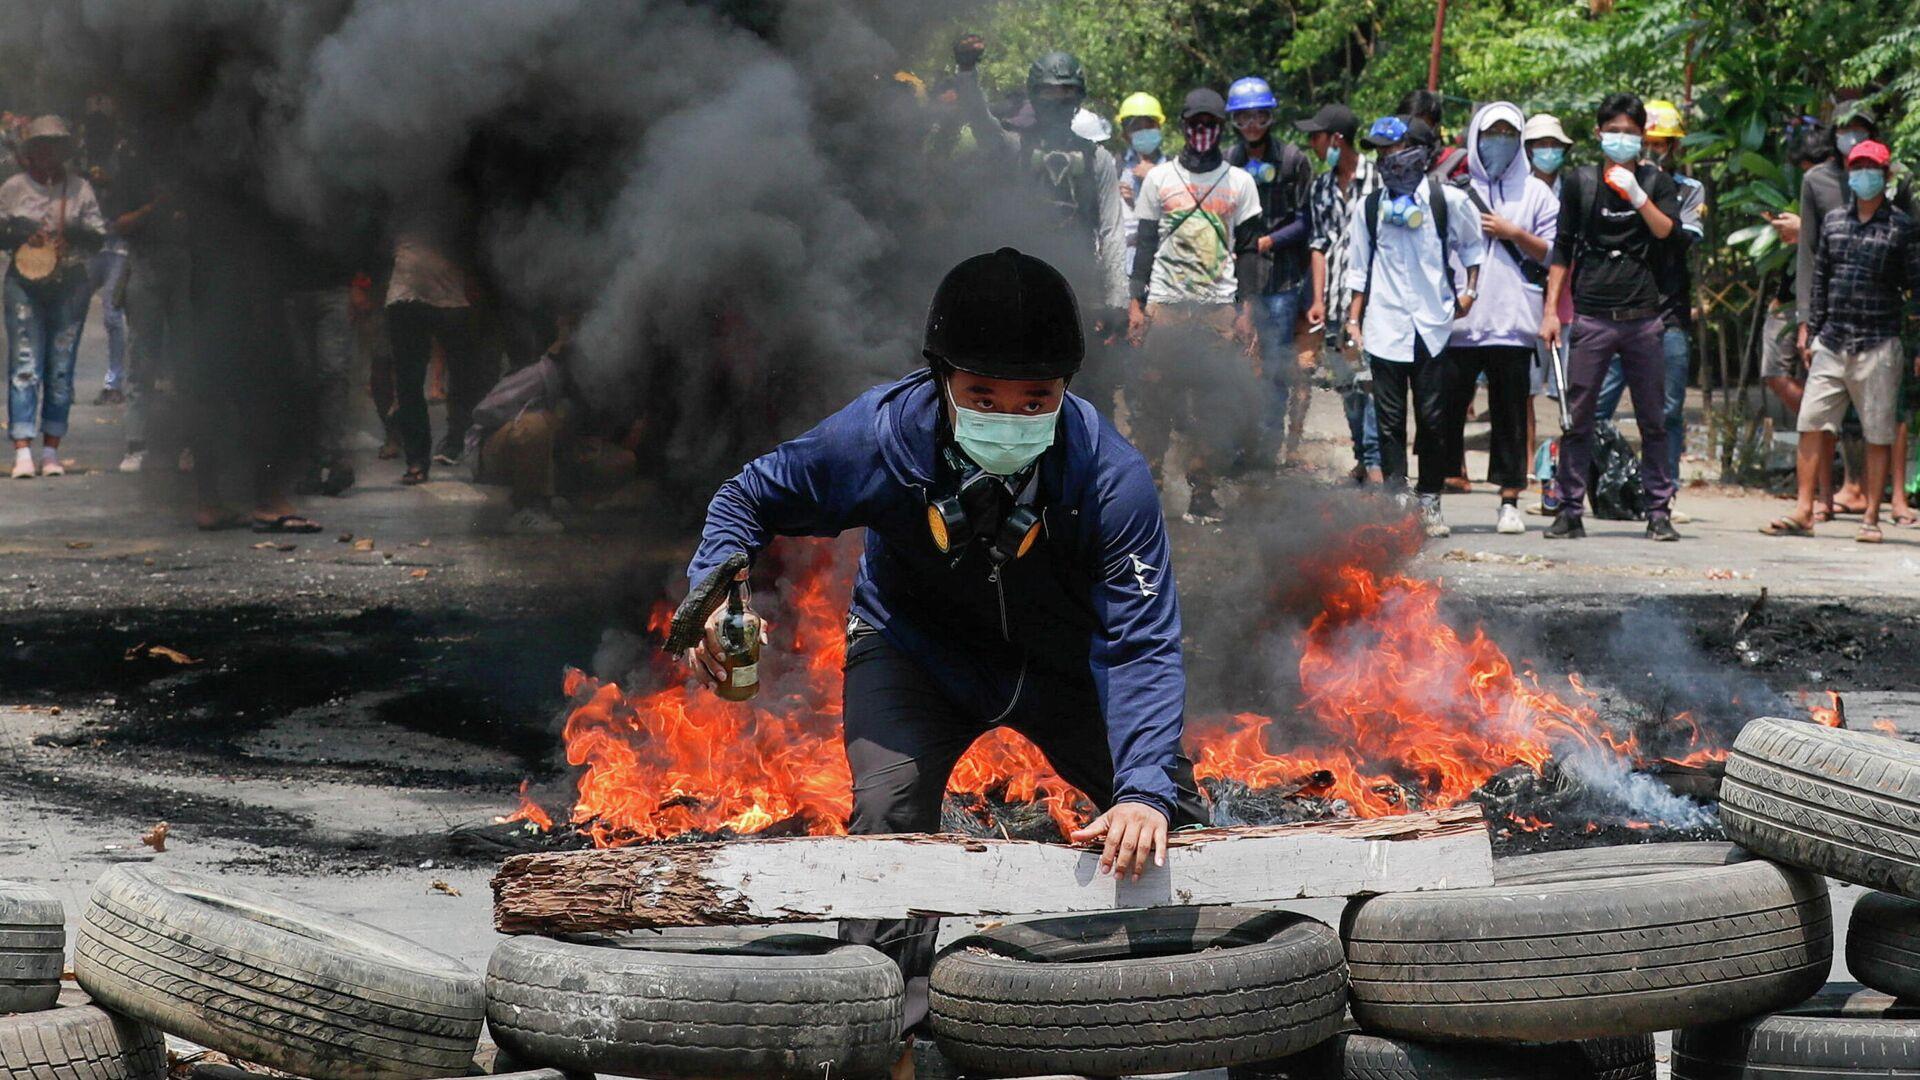 Protestas en Birmania, el 27 de marzo de 2021 - Sputnik Mundo, 1920, 27.03.2021